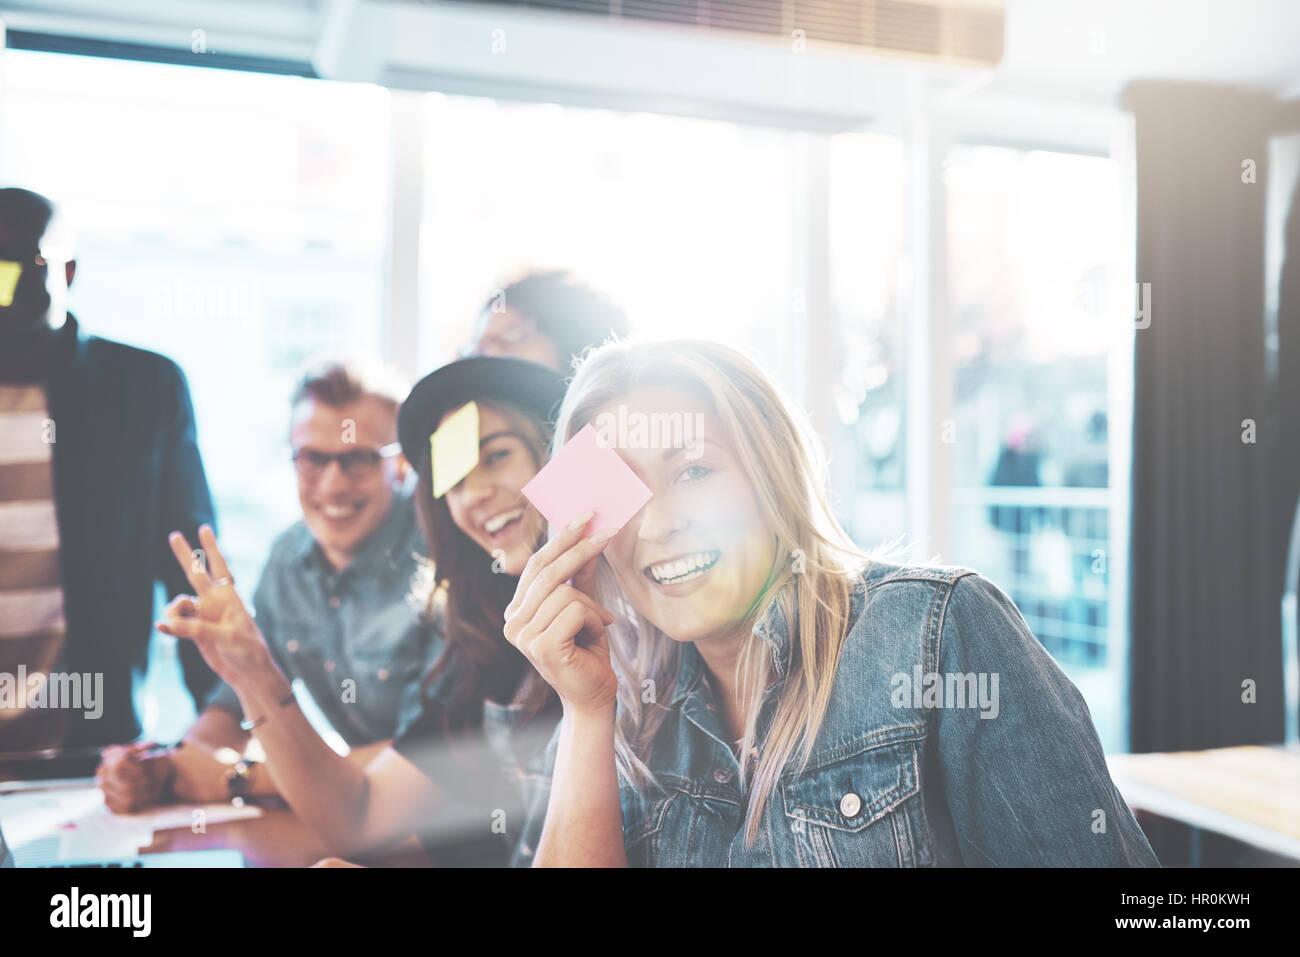 Schöne junge Menschen spielen Namensspiel, zwei Frauen und Männer posieren, Kamera gegen hellen Fenster Stockbild